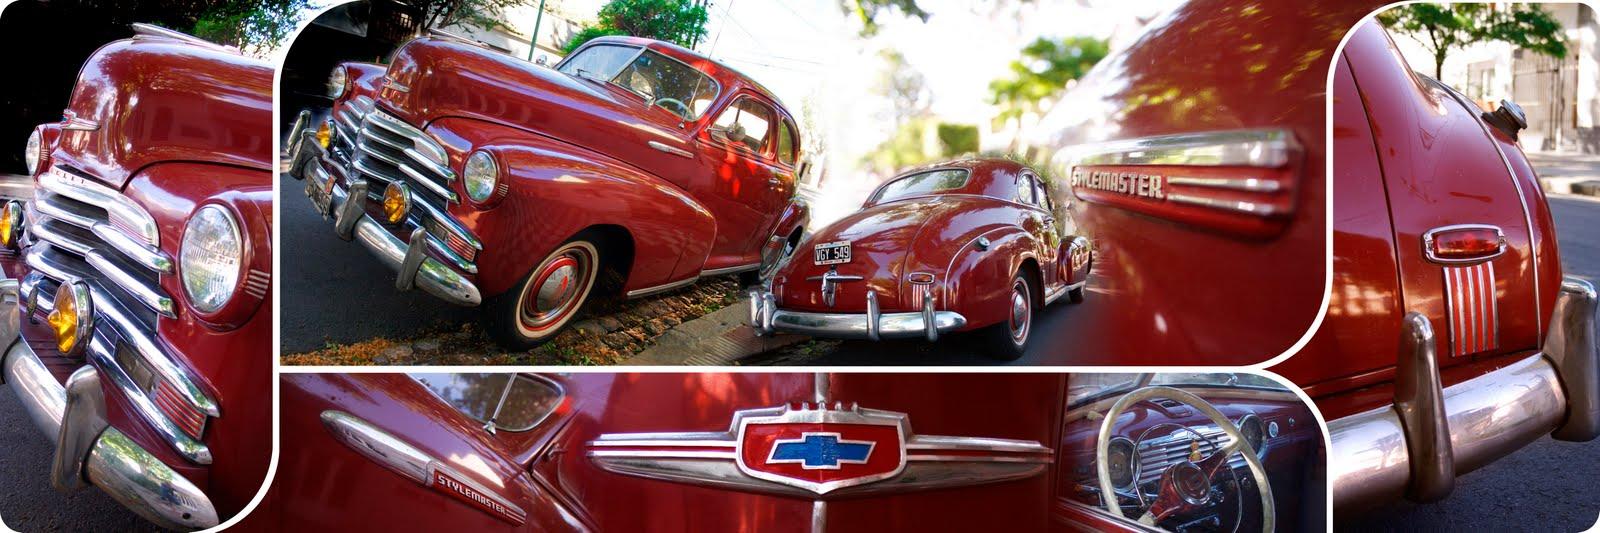 Chevrolet Stylemaster 1947 foto - 5